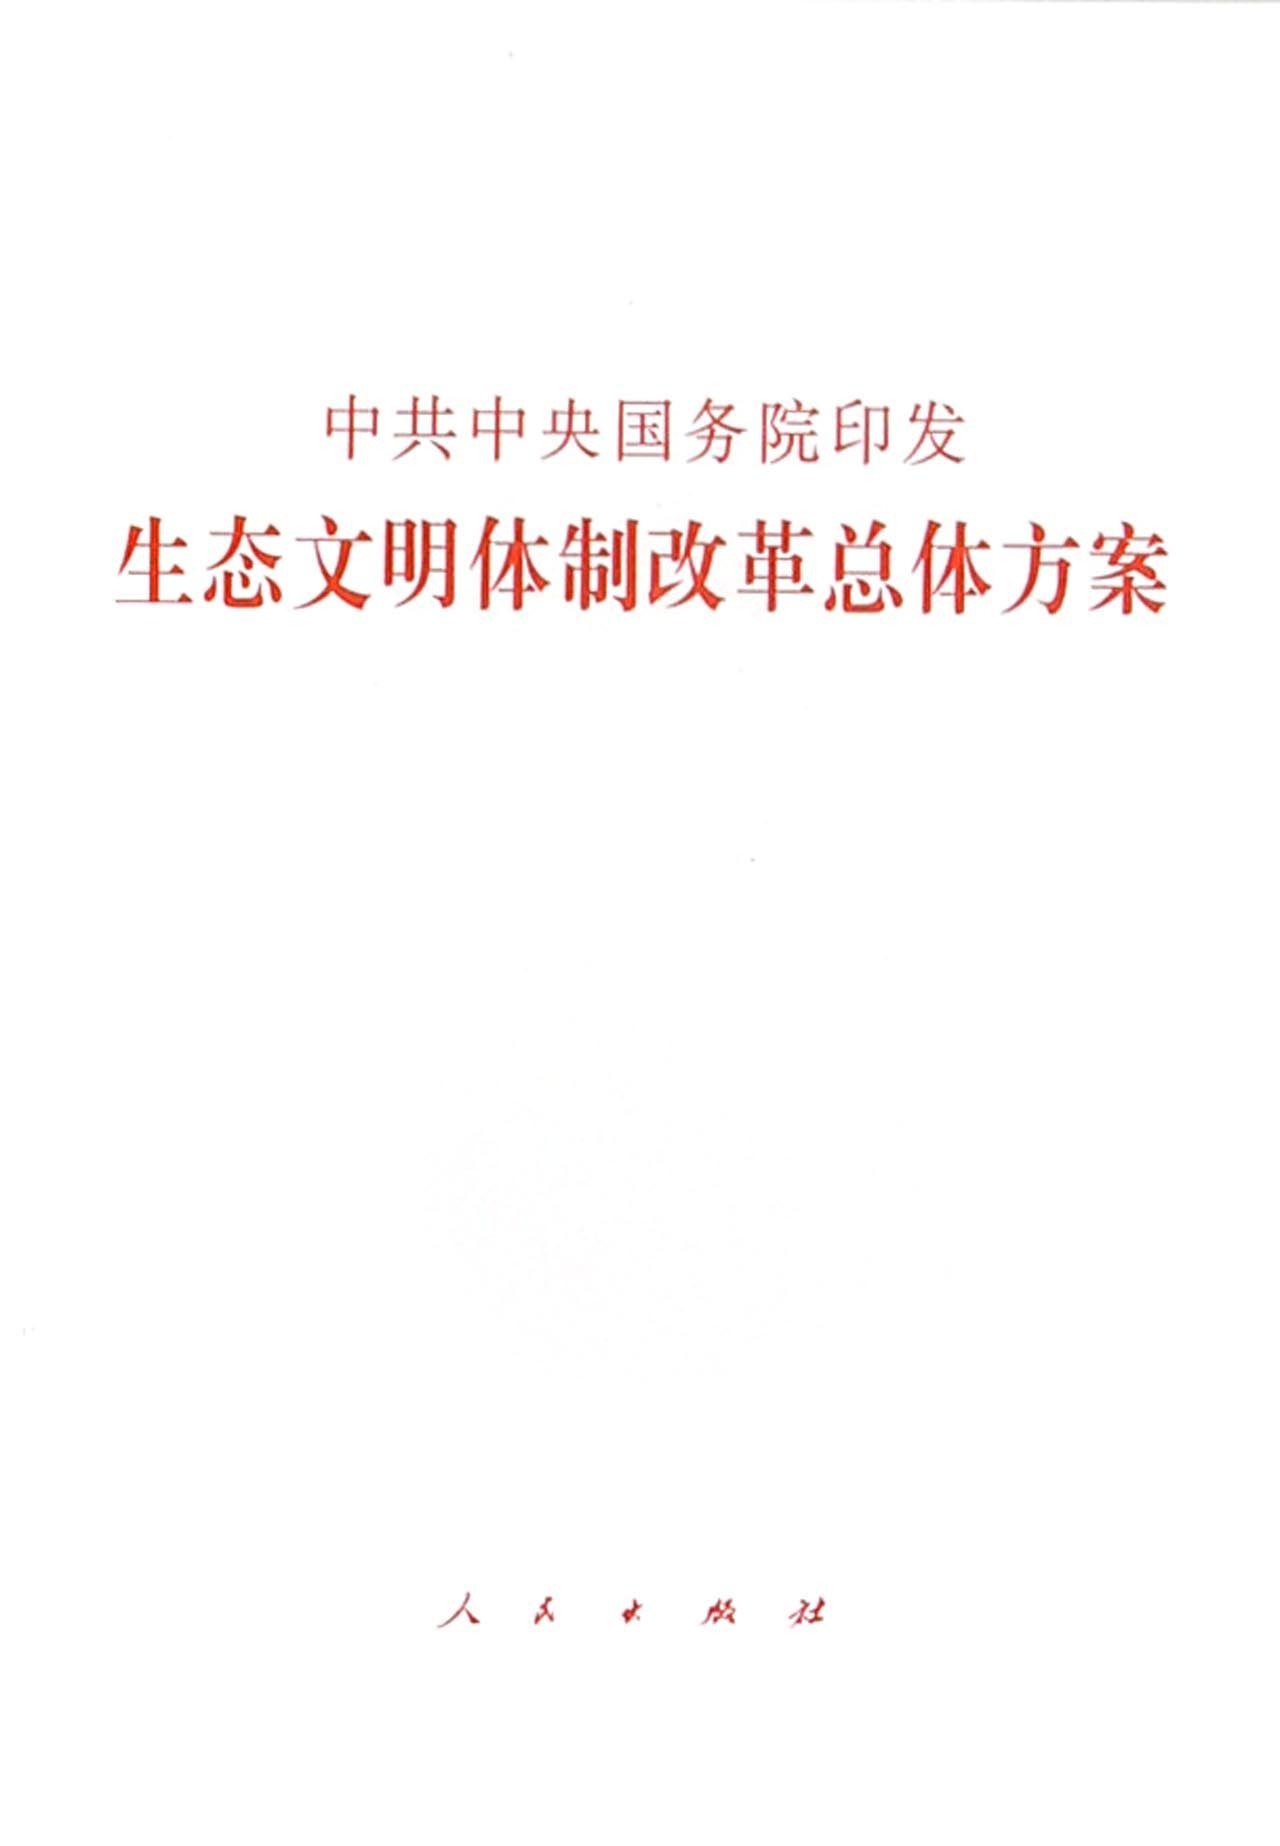 中共中央国务院印发生态文明体制改革总体方案